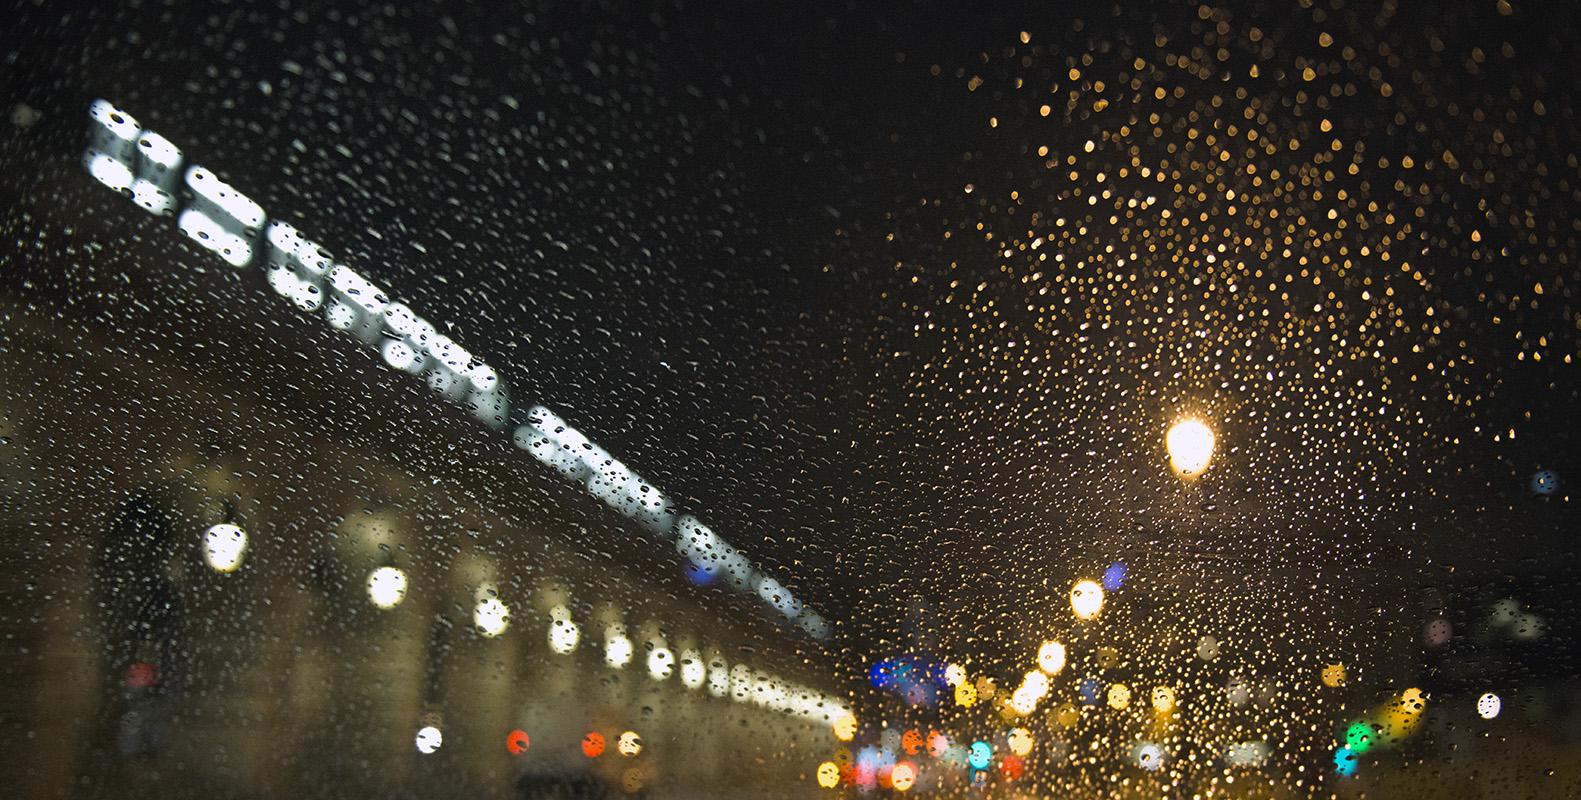 Les gouttes de pluie rayonnent comme un feu d'artifice autour des réverbères